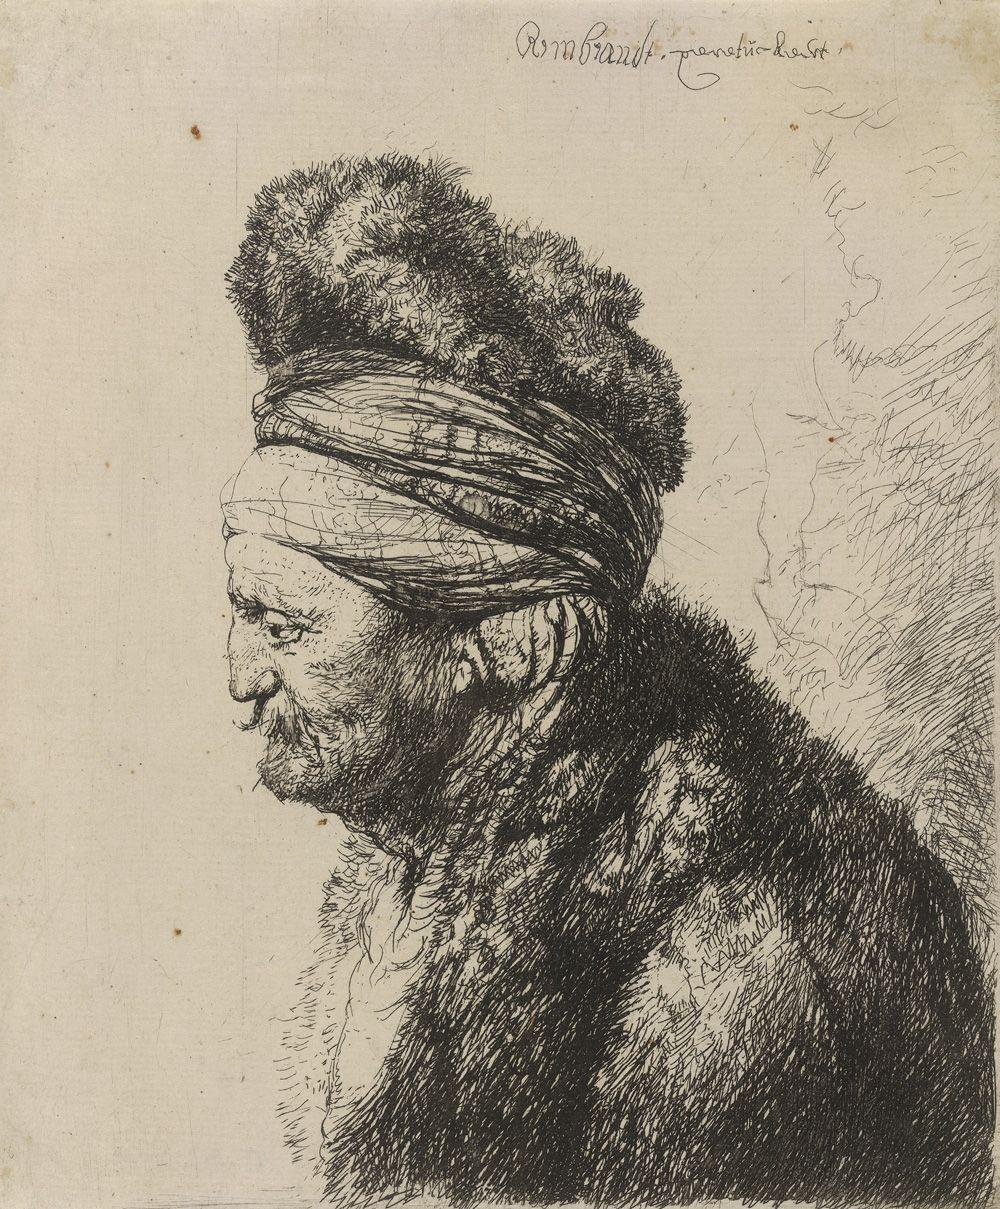 1000x1209 Rembrandt Harmenszoon Van Rijn